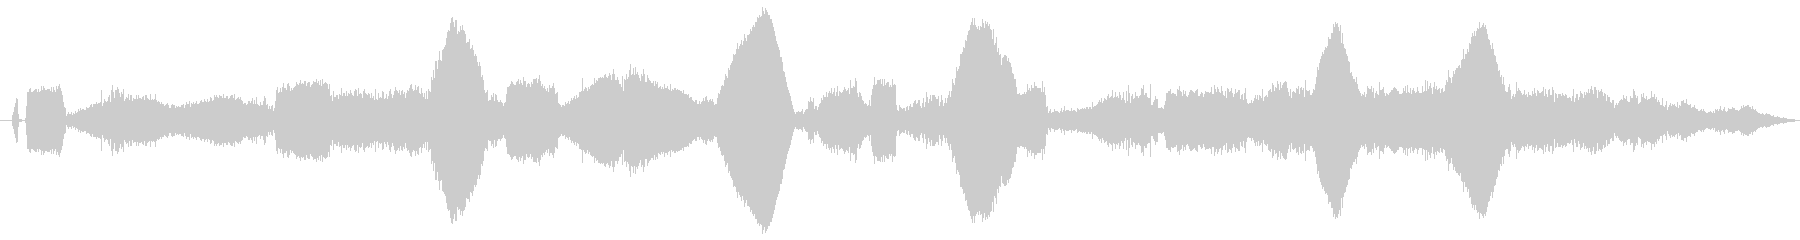 ドローン SFジェネレーター06の未再生の波形